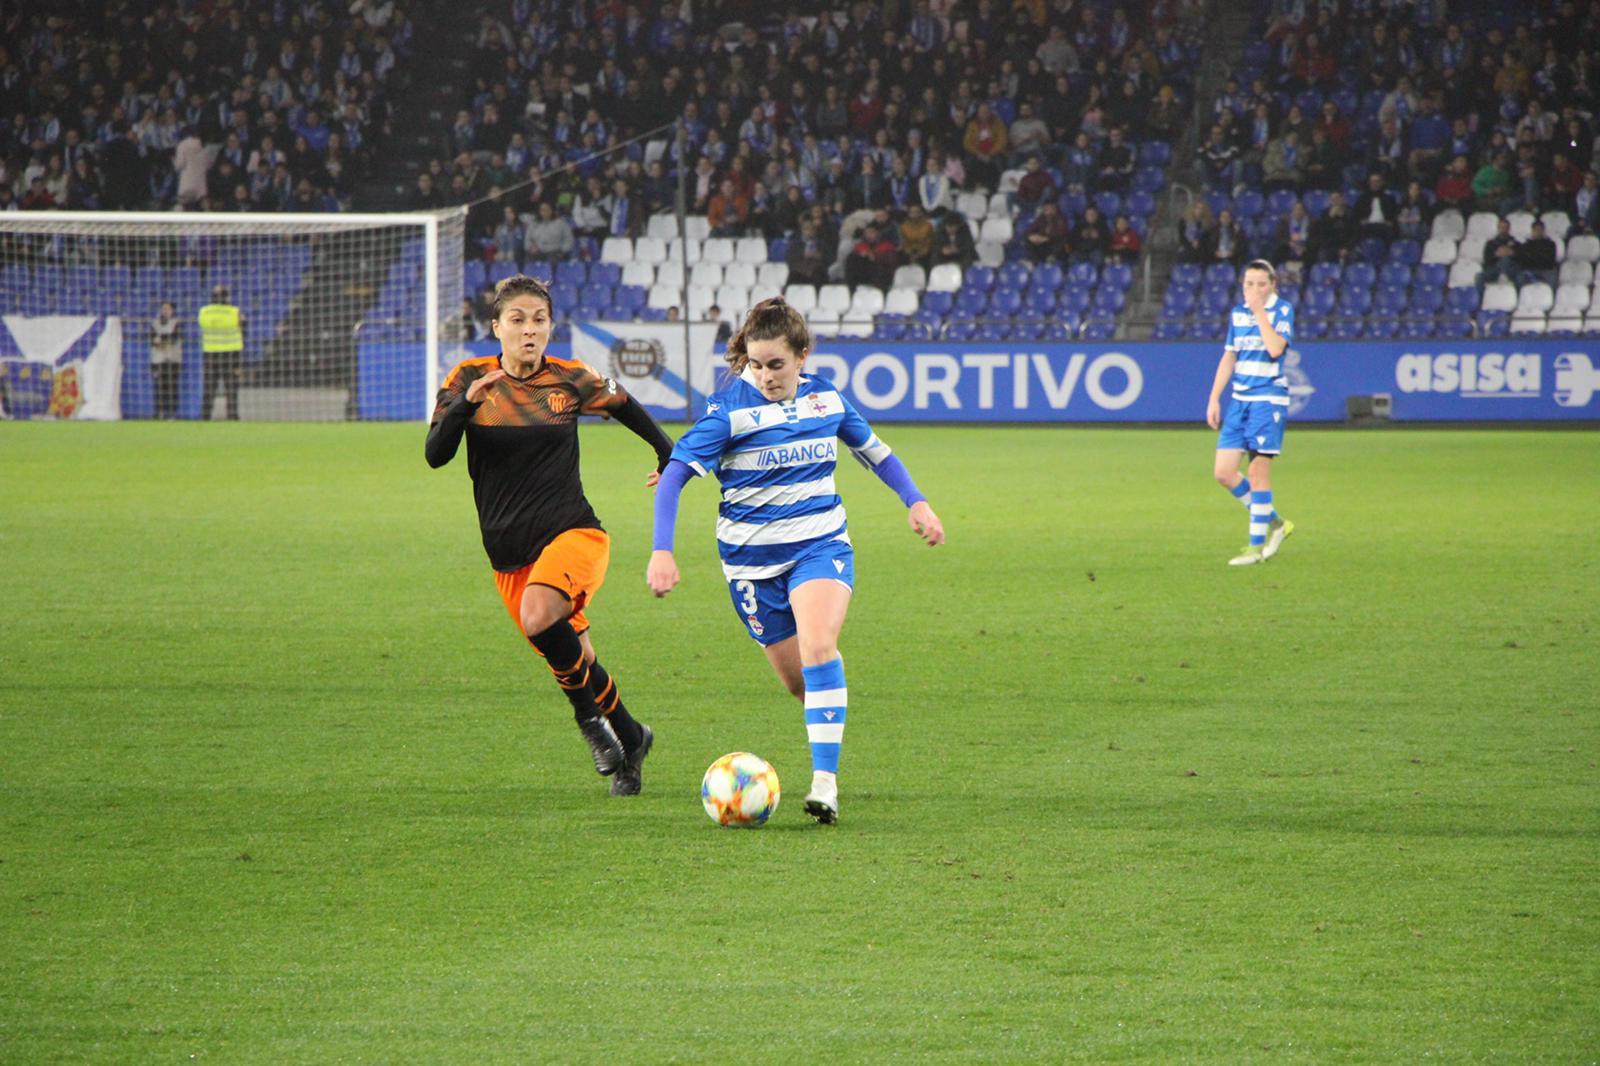 Tere Abelleira durante o partido de Copa | wykazszkowski